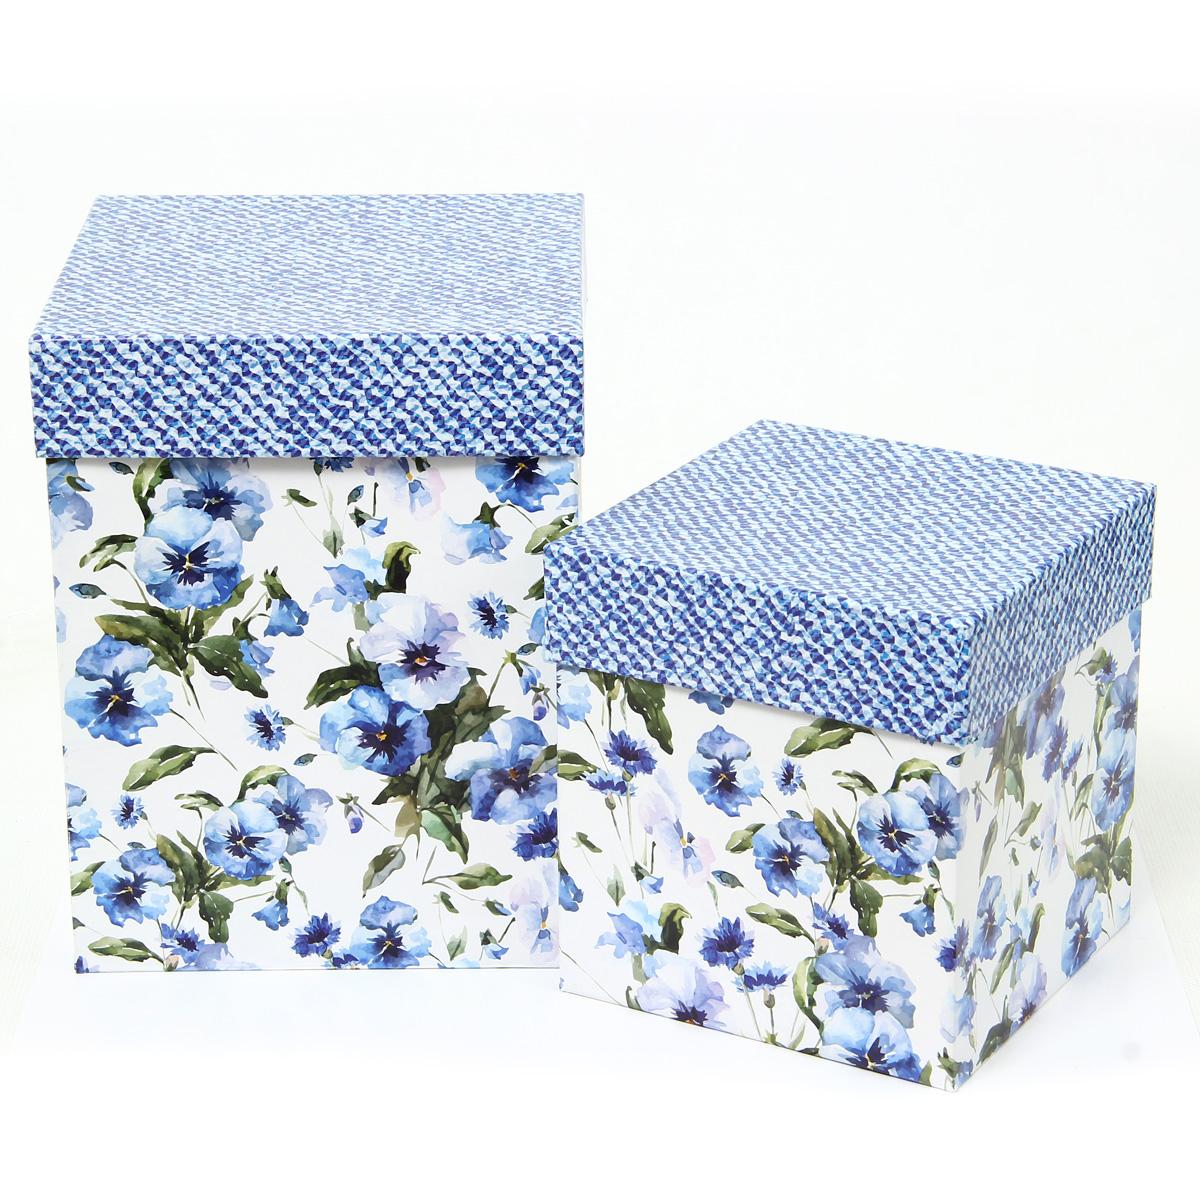 Набор подарочных коробок Veld-Co Цветы и джинс, под кружку, 2 шт набор подарочных коробок veld co грезы путешественника 11 шт